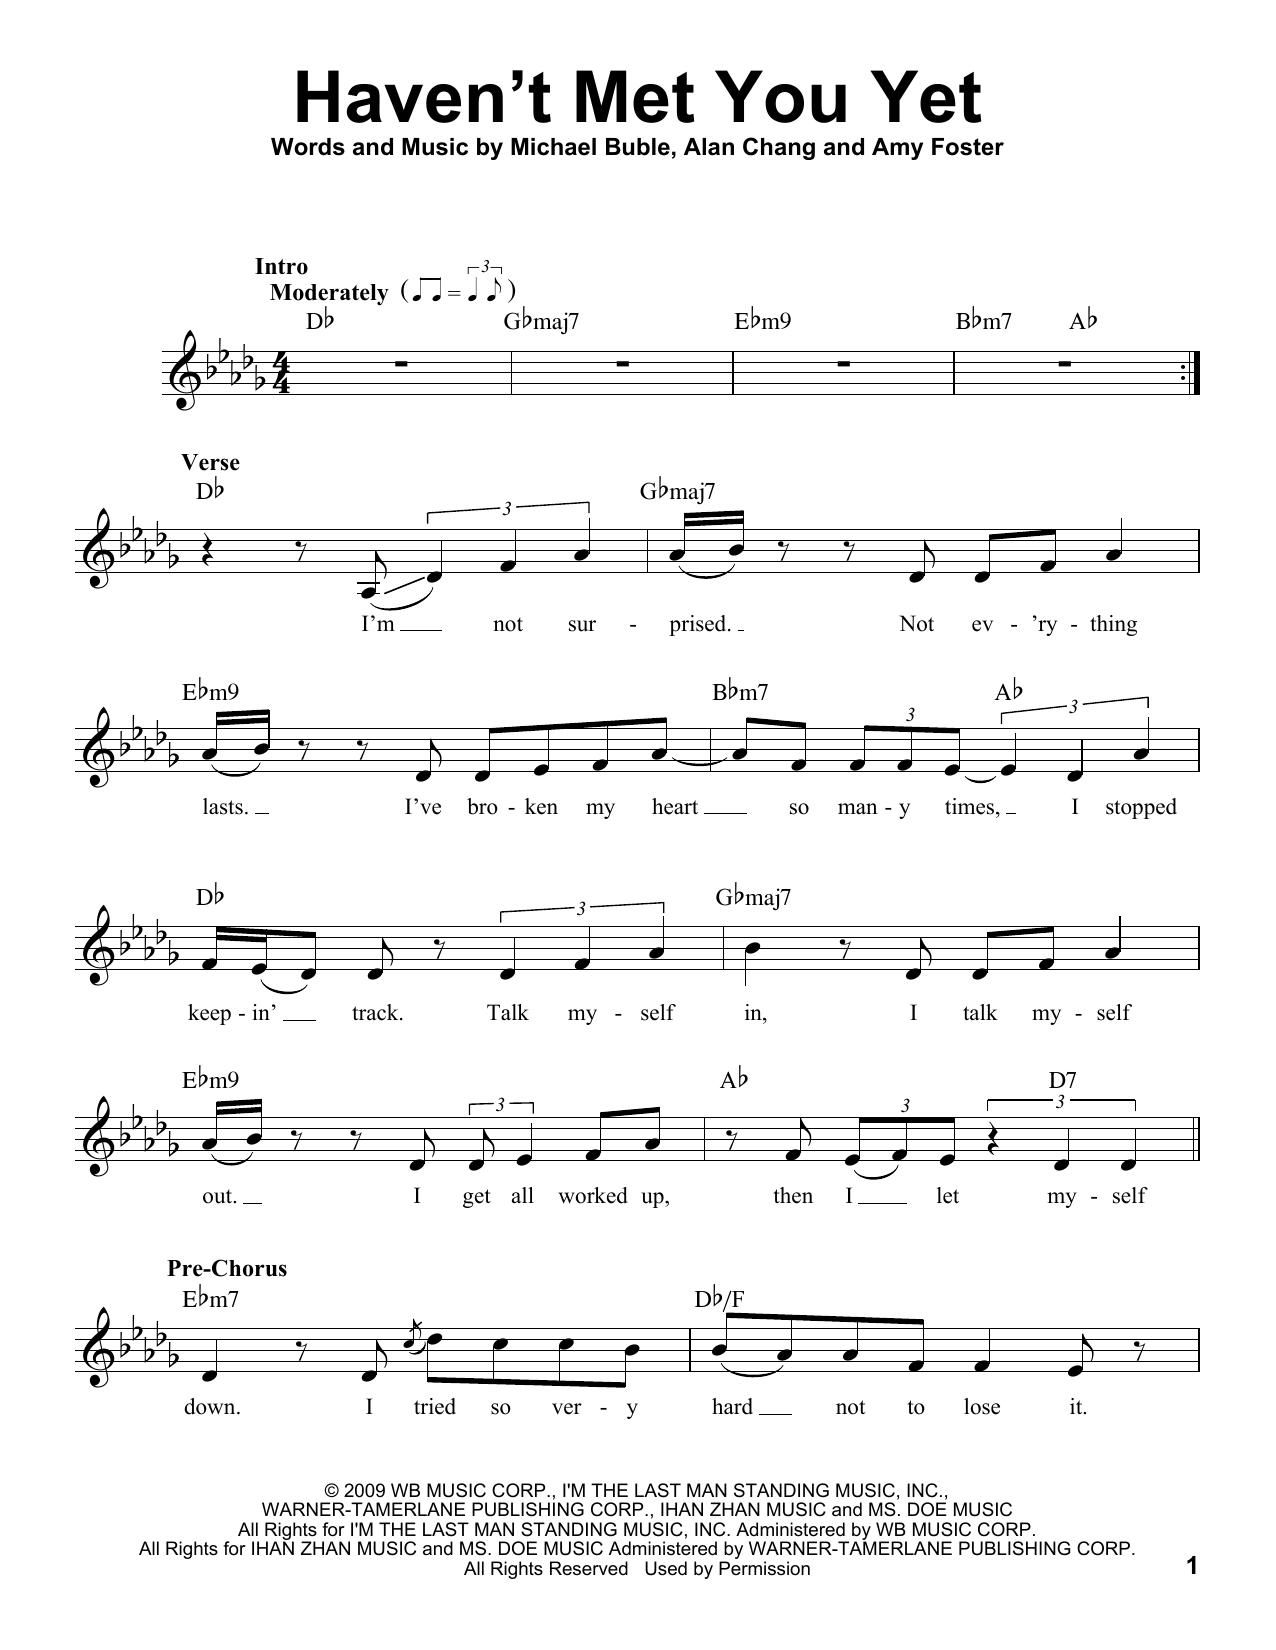 Haven't Met You Yet sheet music